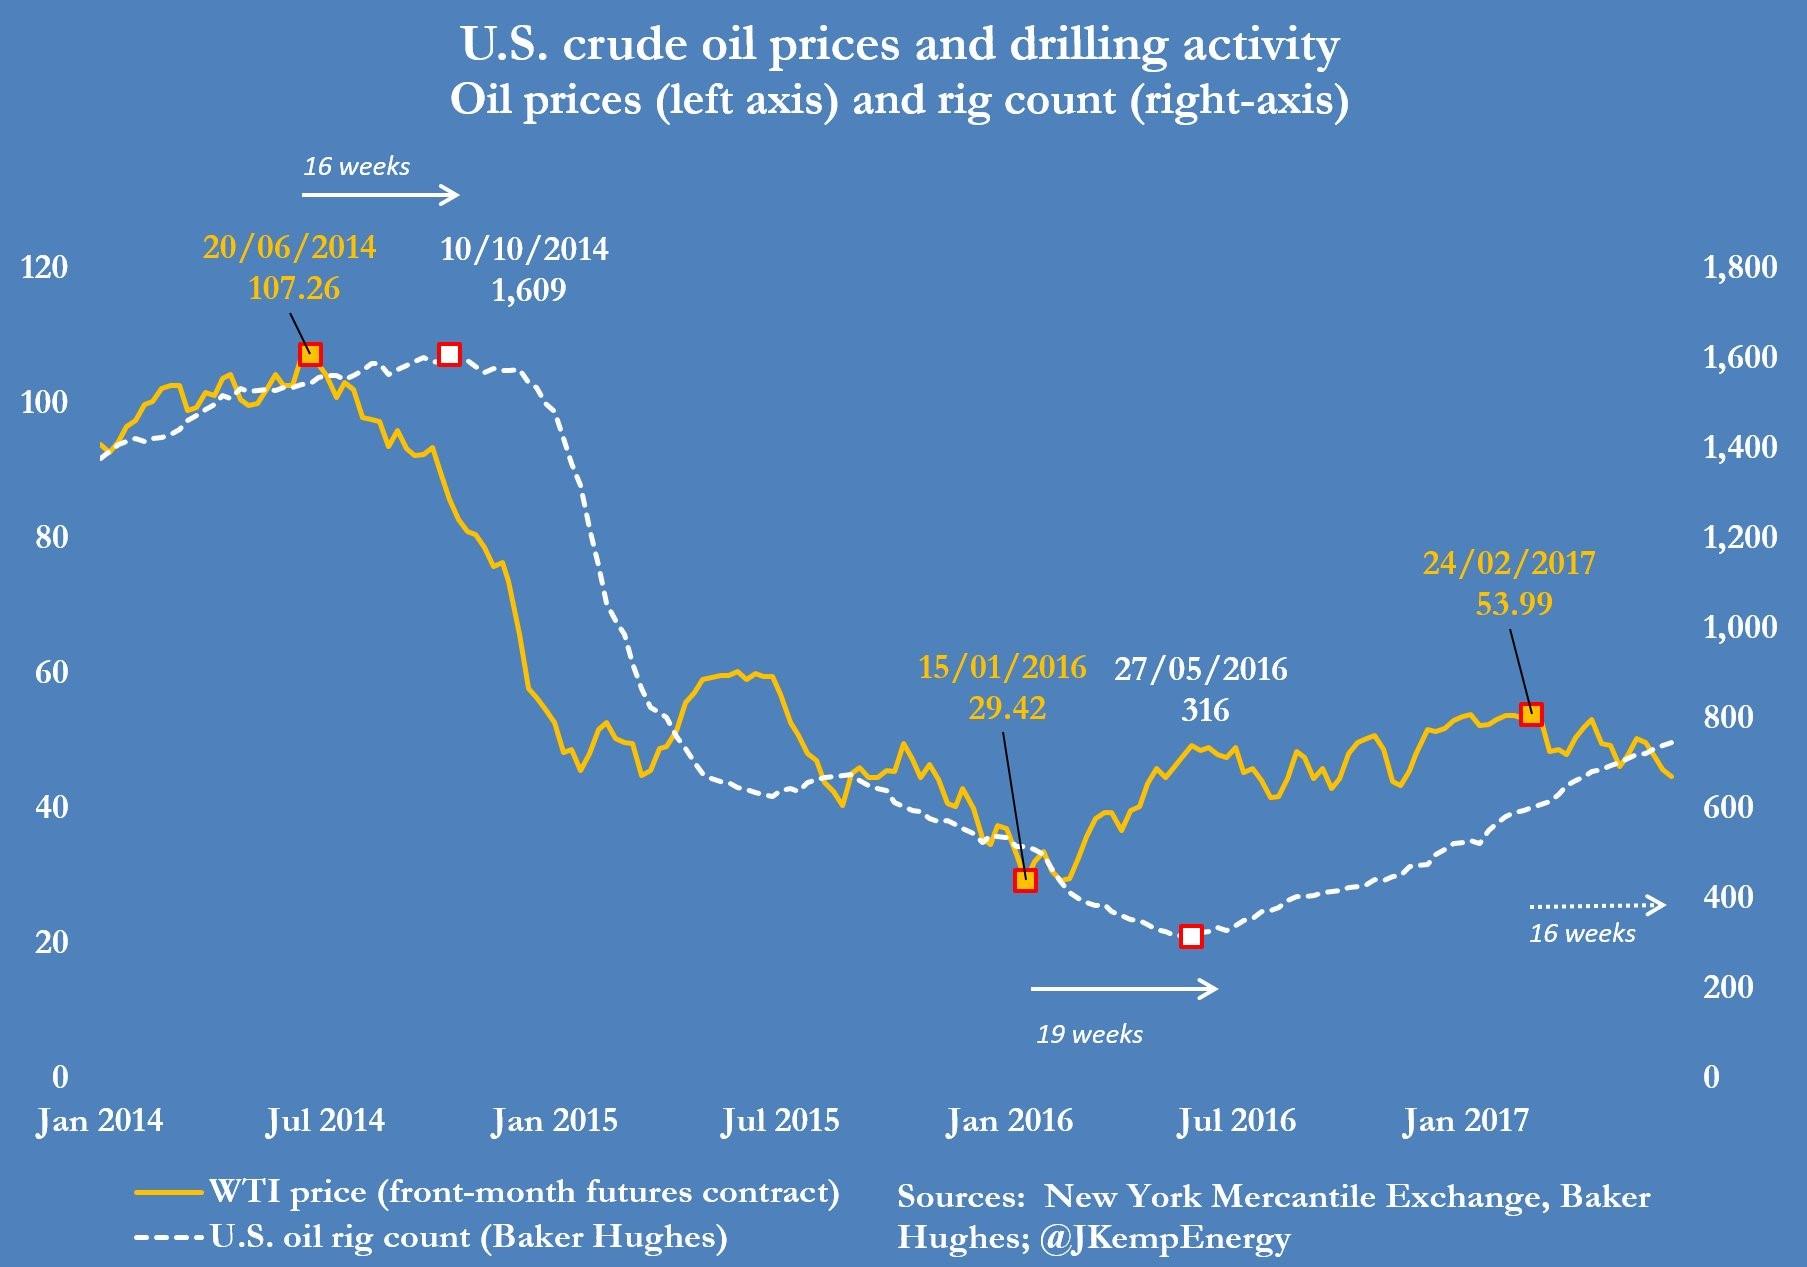 Crude Oil Price Vs. Drilling Activity